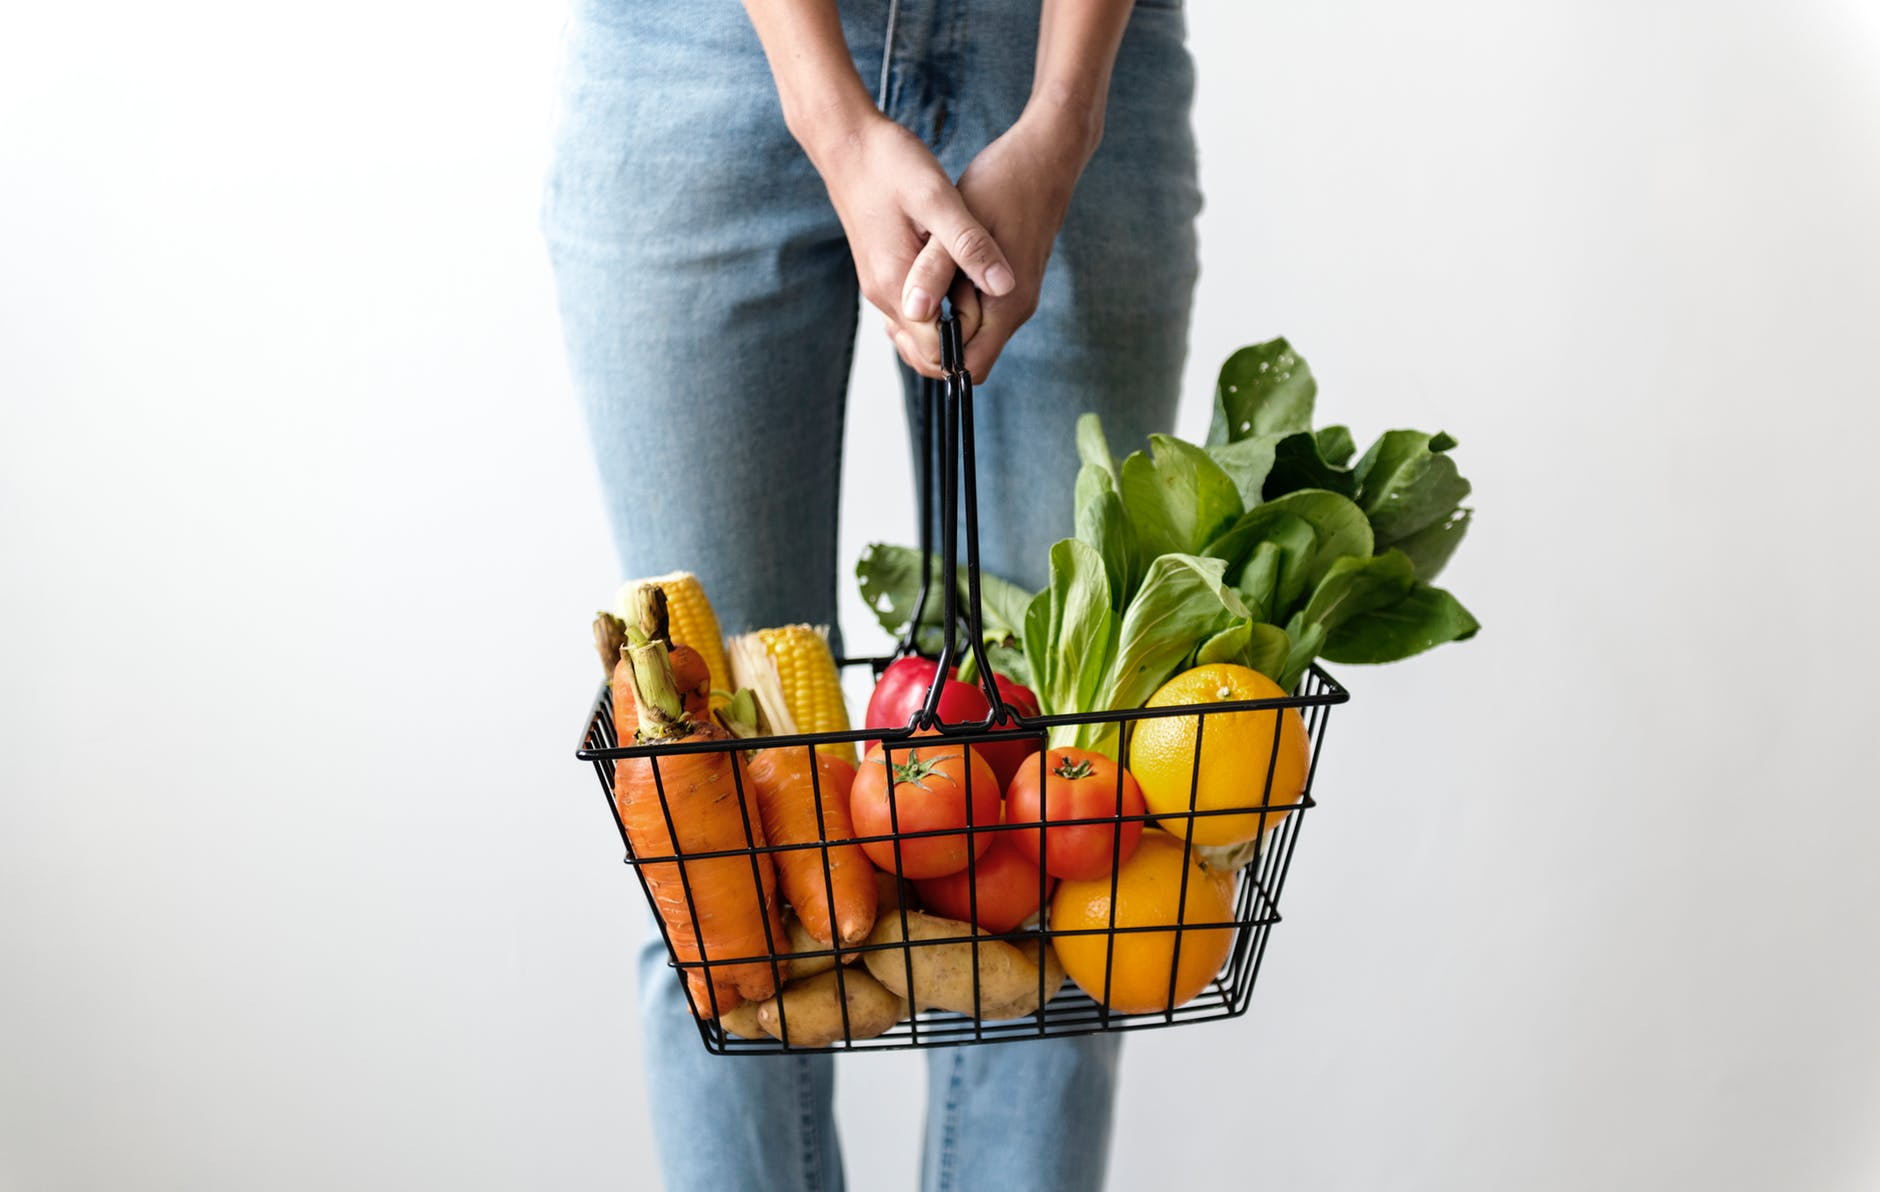 Διατροφή και οστεοαρθρίτιδα: Πώς συνδέονται; Ποια τρόφιμα να επιλέγω και ποια να αποφεύγω;